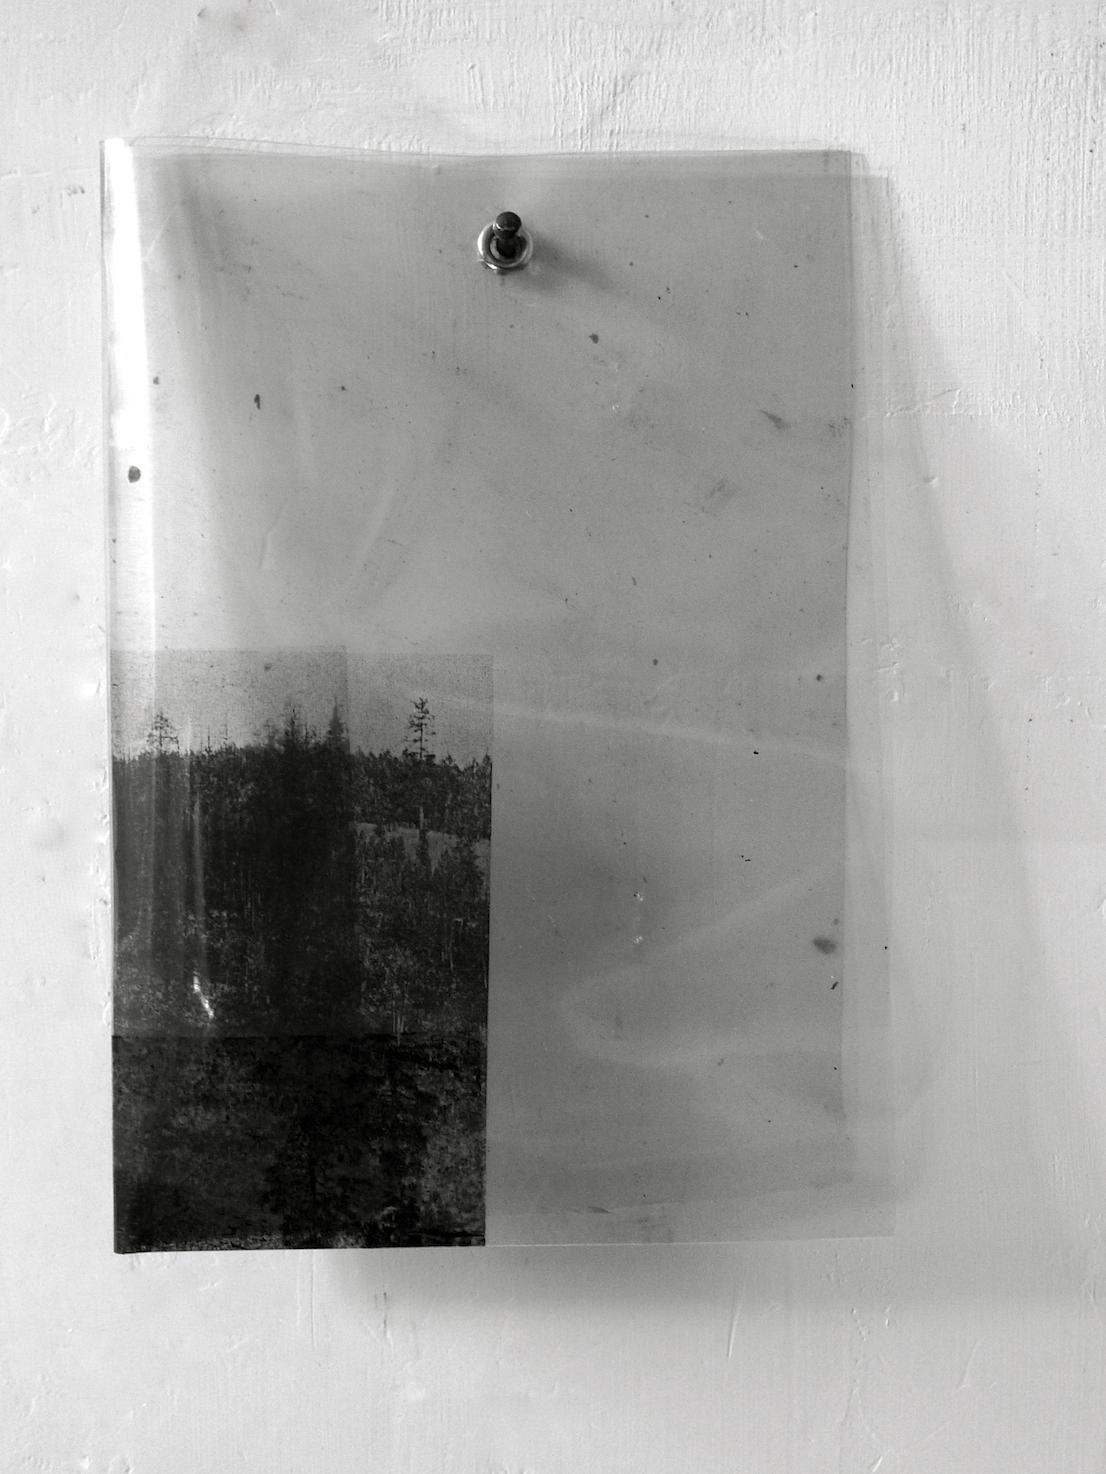 Carlo Guaita, Senza titolo (Pieghe, I, II), 2012. Courtesy dell'artista.